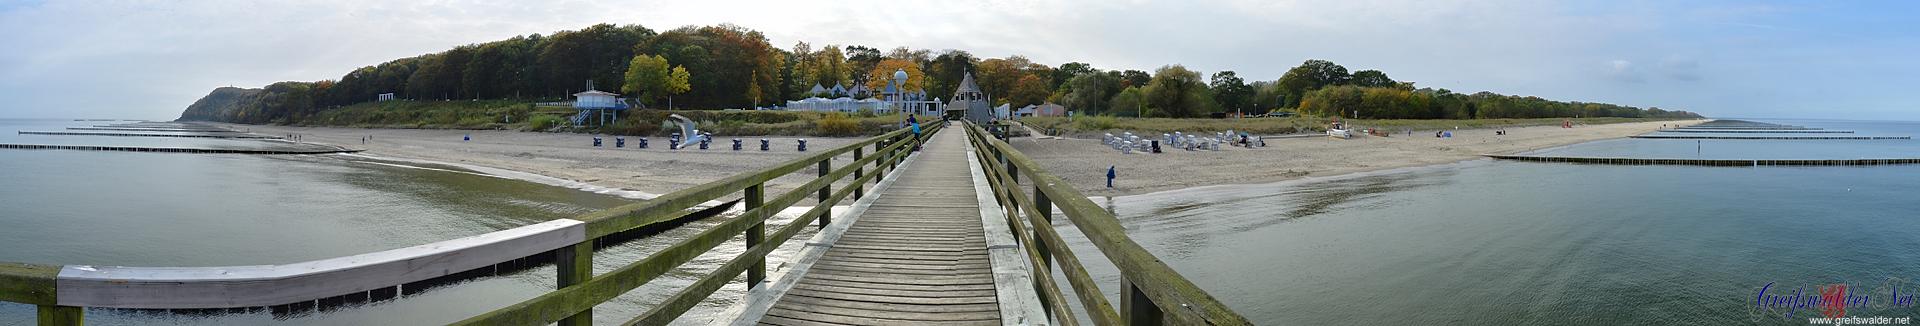 Panorama Seebrücke Koserow